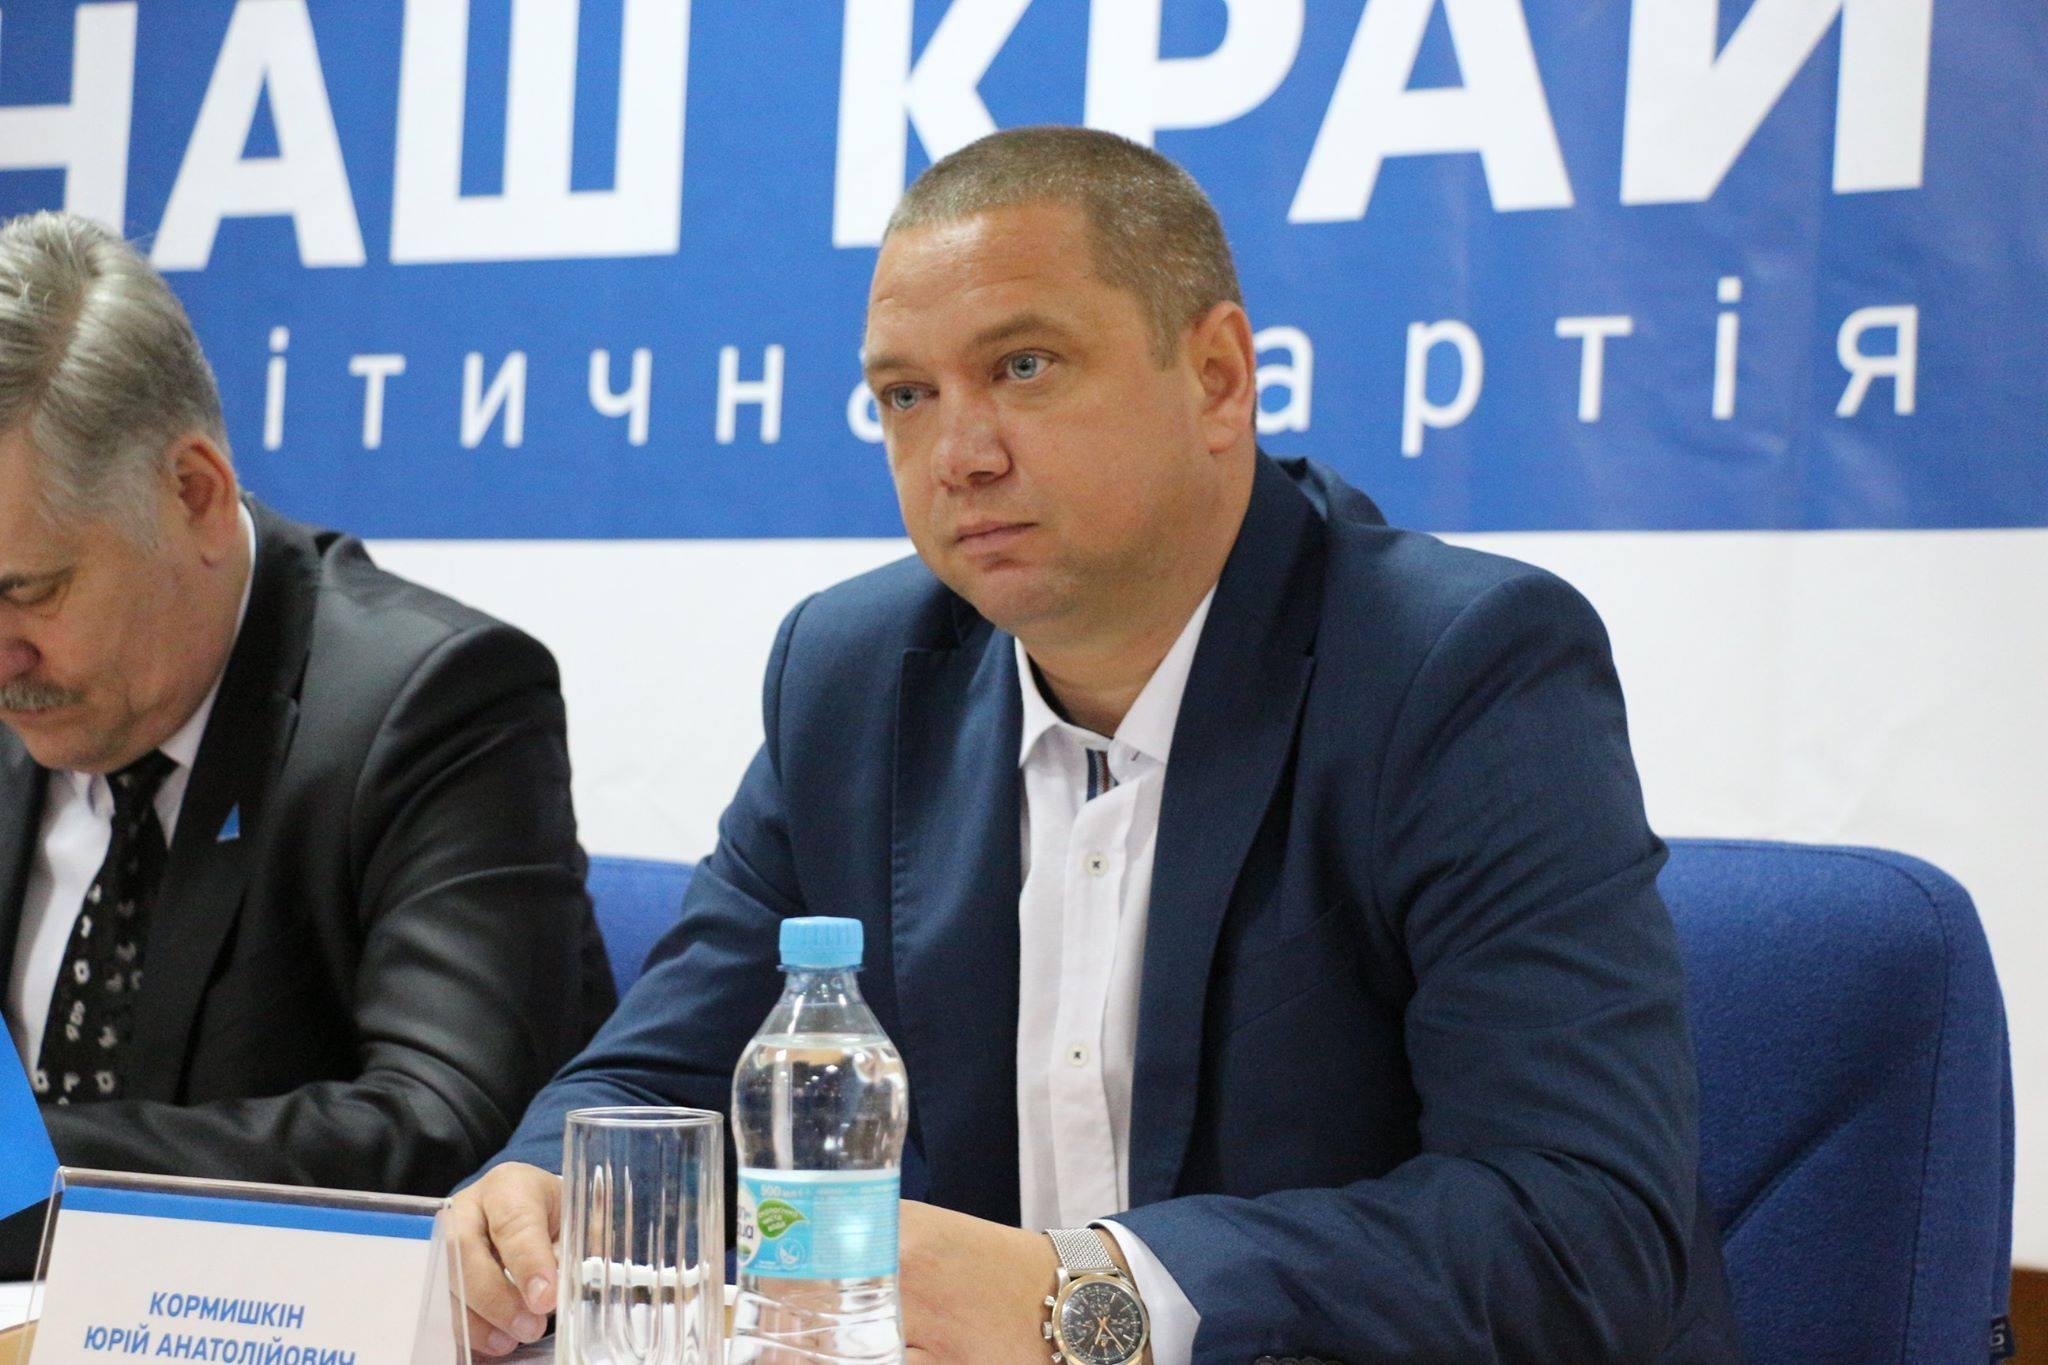 Юрій Кормишкін: Повагу людей не так просто заробити, а нам це вдалося